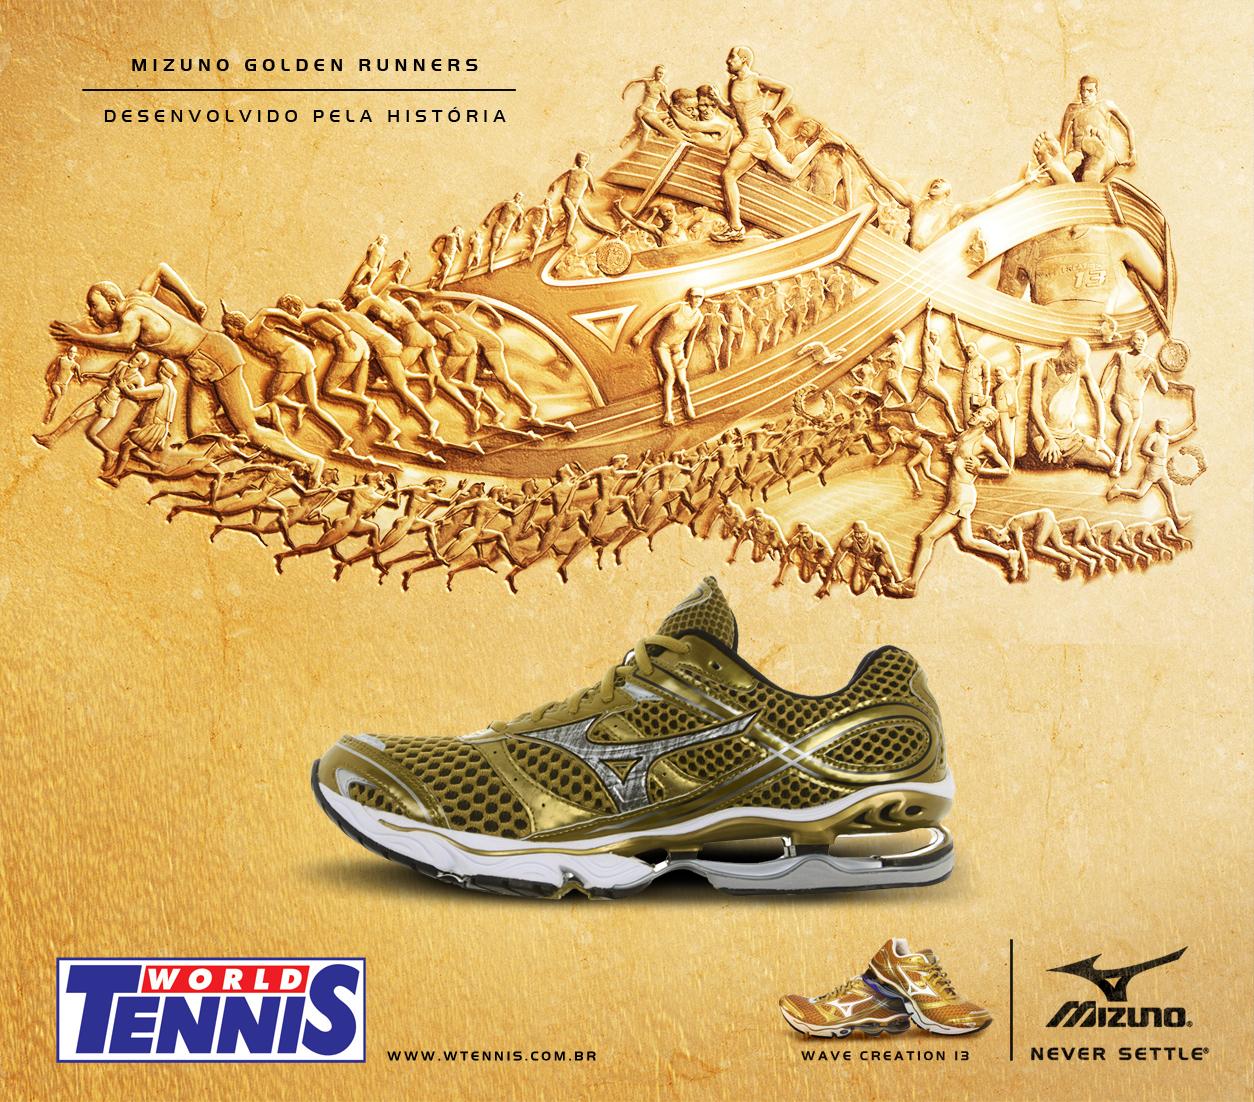 924247e69b Arquivos mizuno - Página 10 de 11 - World Tennis - Tênis